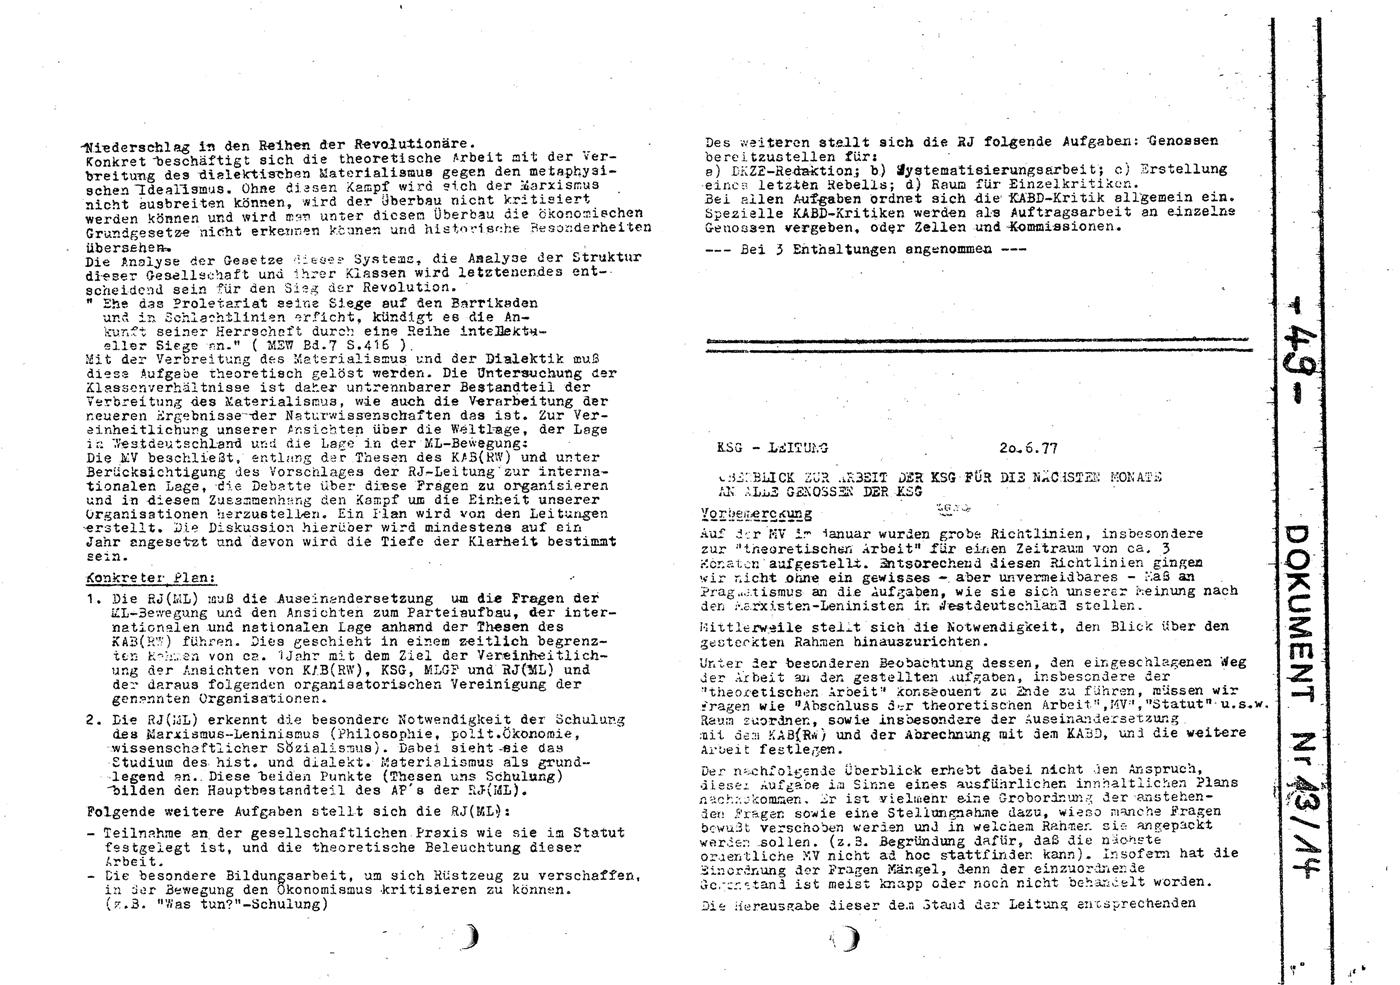 KABRW_Arbeitshefte_1977_24_049